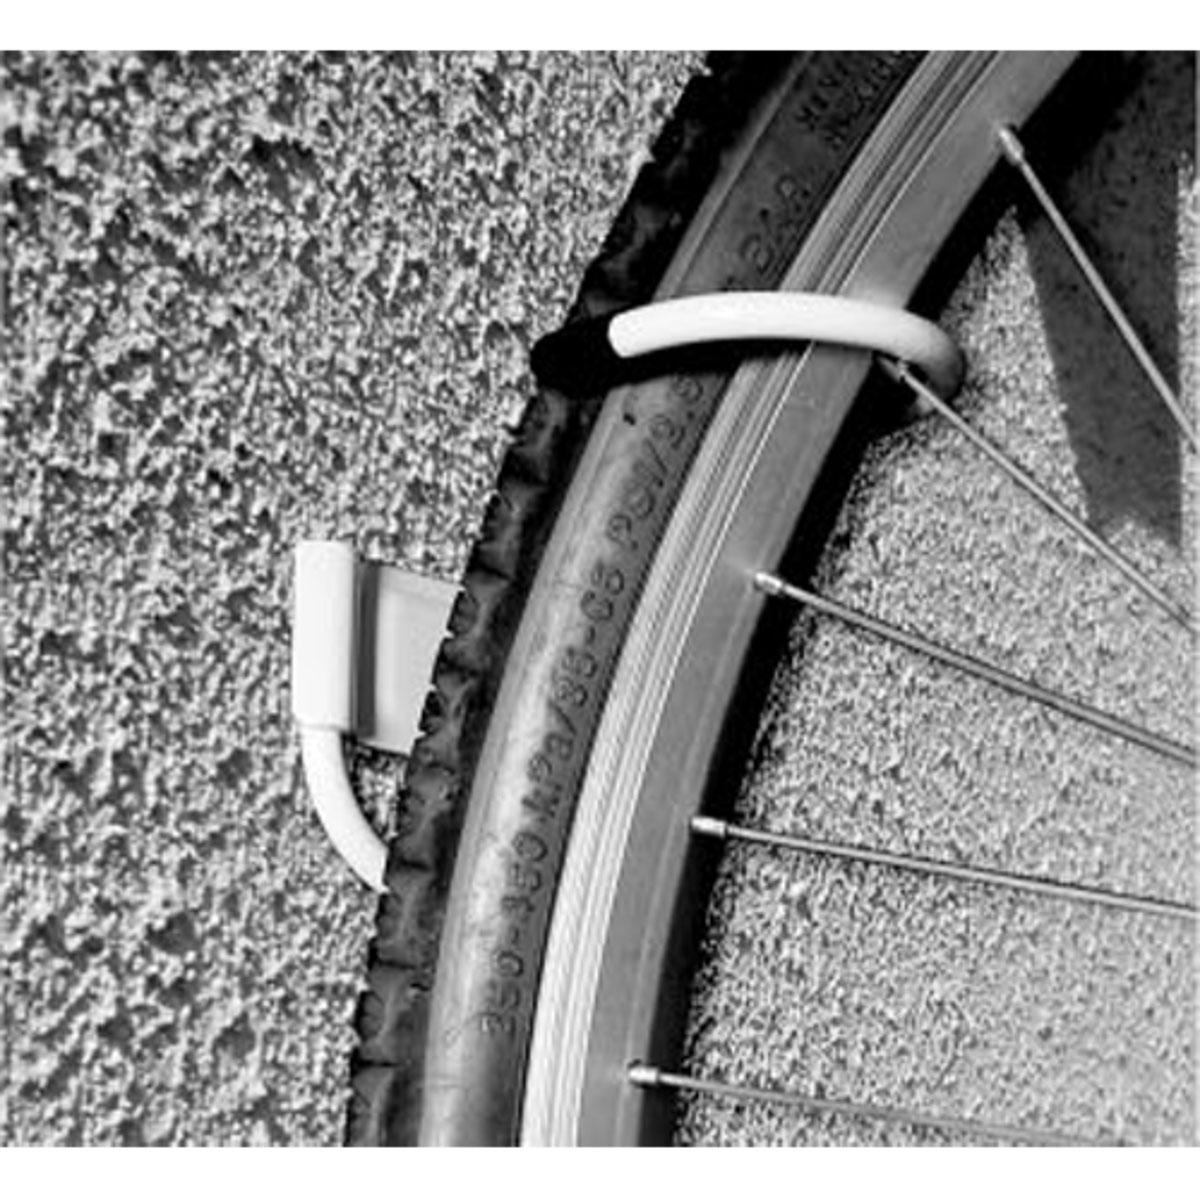 Подвес велосипедный МастерПроф, металлический, цвет: белыйRivaCase 8460 blackМаксимальная нагрузка 27 кг. Вертикальное хранение экономит пространство.Крепёж в комплекте. Цвет: Белый.